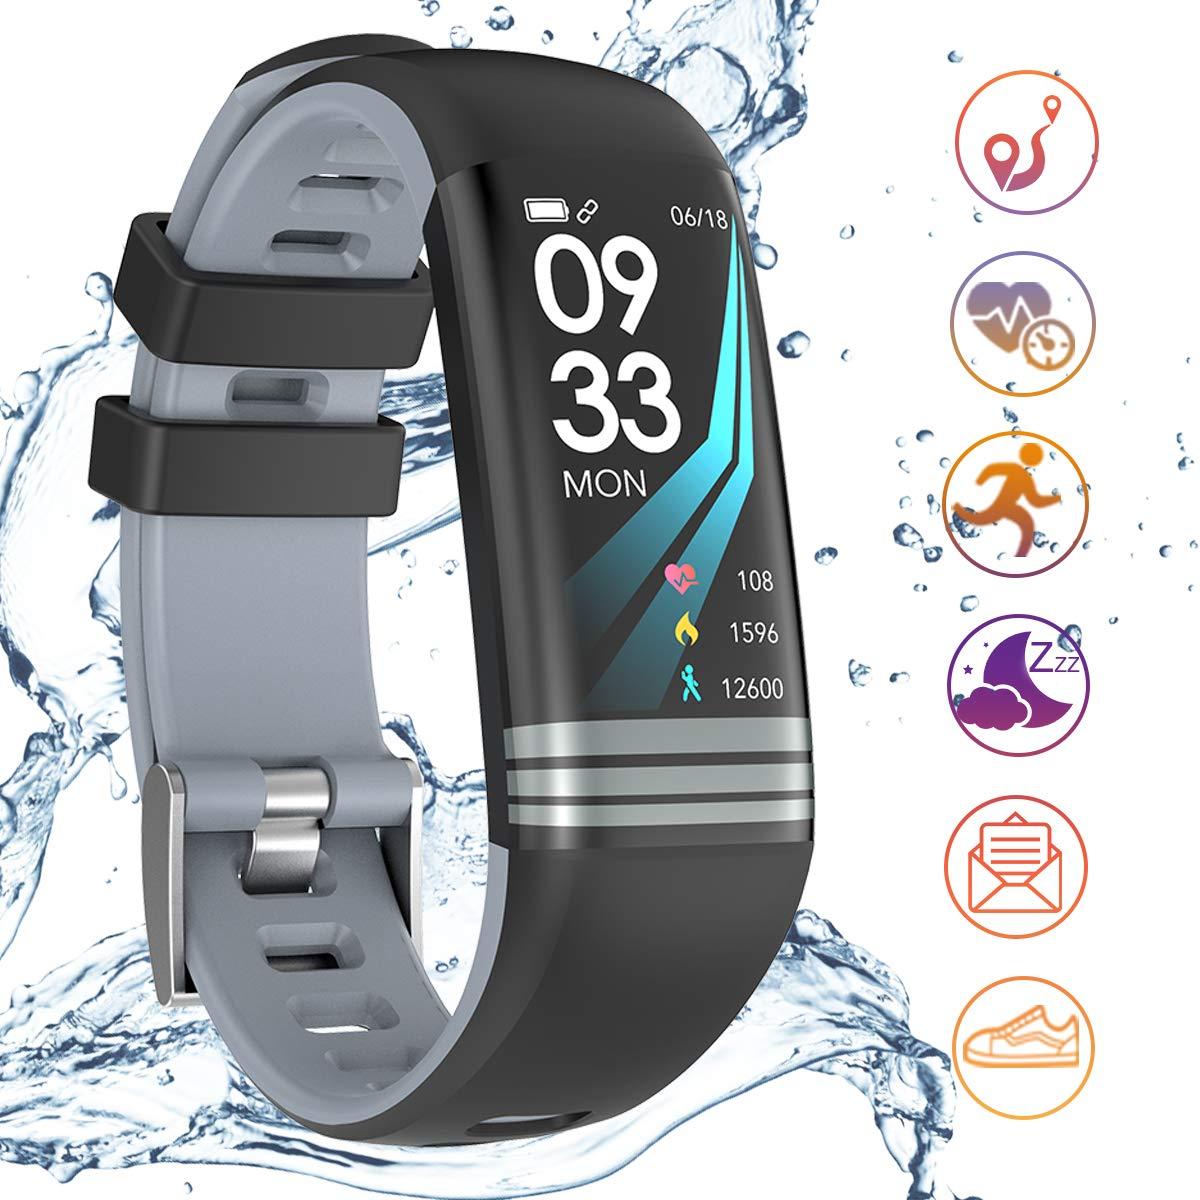 Yakuin Pulsera Actividad Inteligente Podómetro Pulsómetro Impermeable IP67 Pantalla Color Frecuencia Cardíaca Multi-Deporte SMS SNS Monitor de Sueño Mujer Ninos Hombre iOS Andriod iPhone (Black)